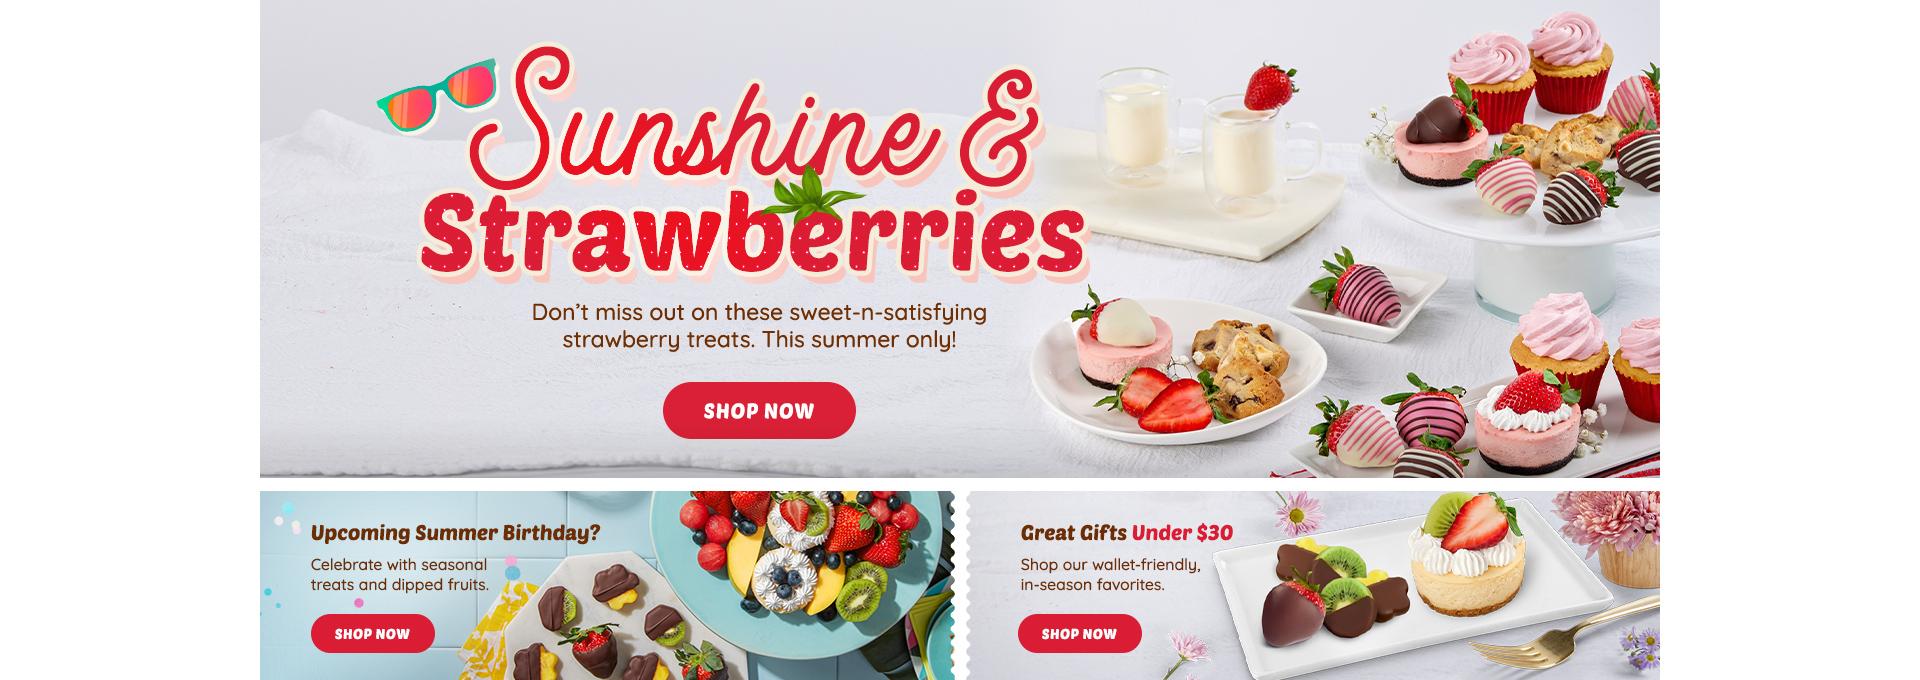 HP DT Strawberry Desserts, Birthday, Under 30